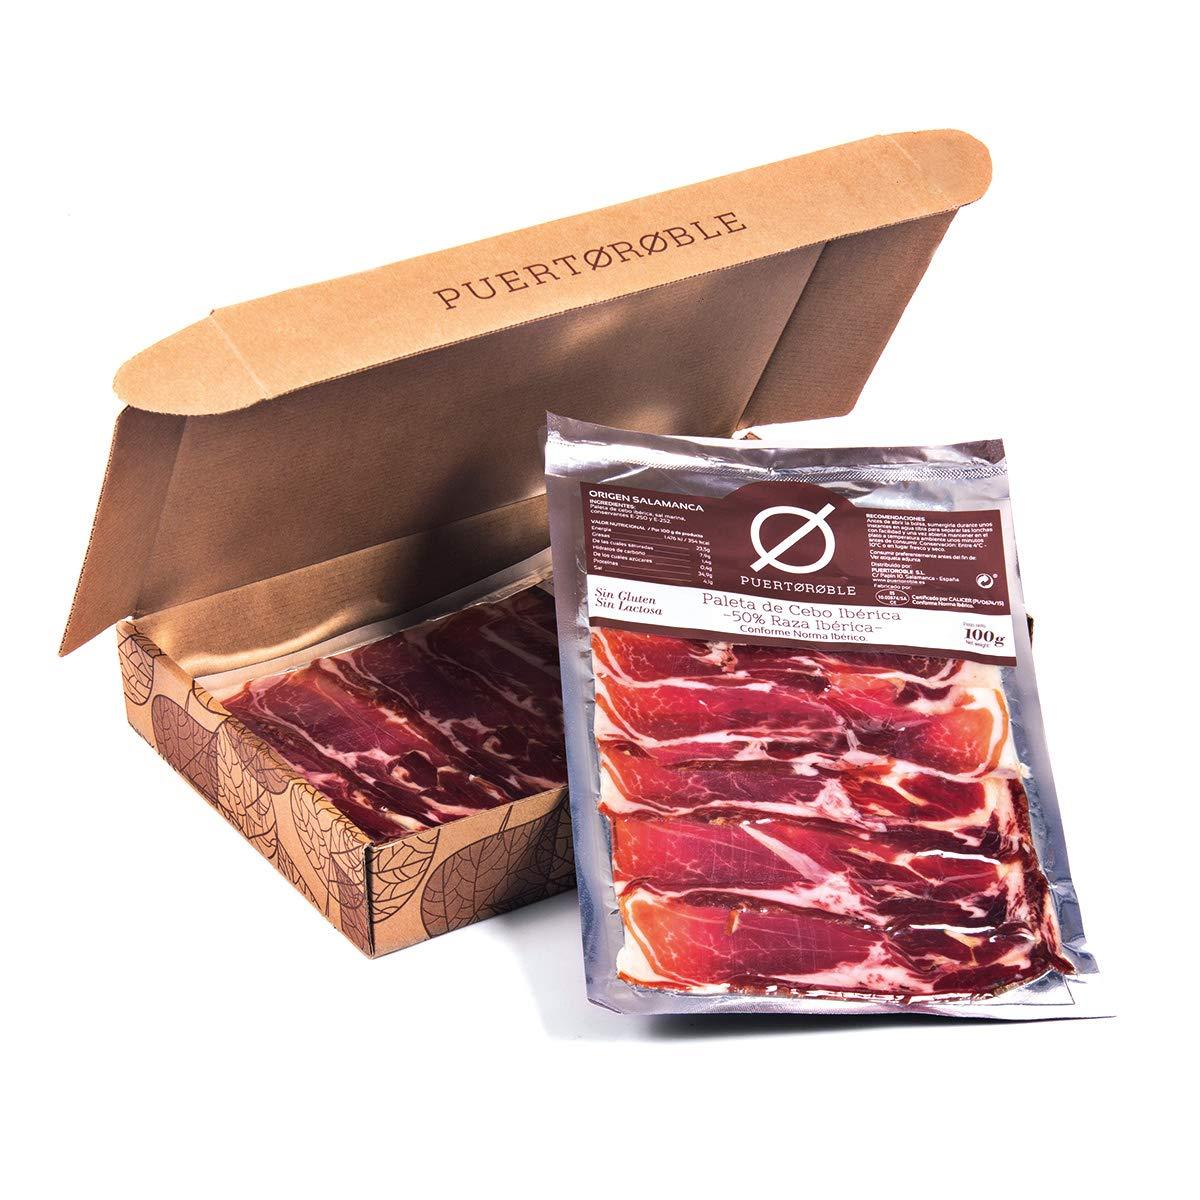 Paleta Cebo Ibérico 5 packs | Paletilla Deshuesada Ibérica | Envasada al vacío: Amazon.es: Alimentación y bebidas